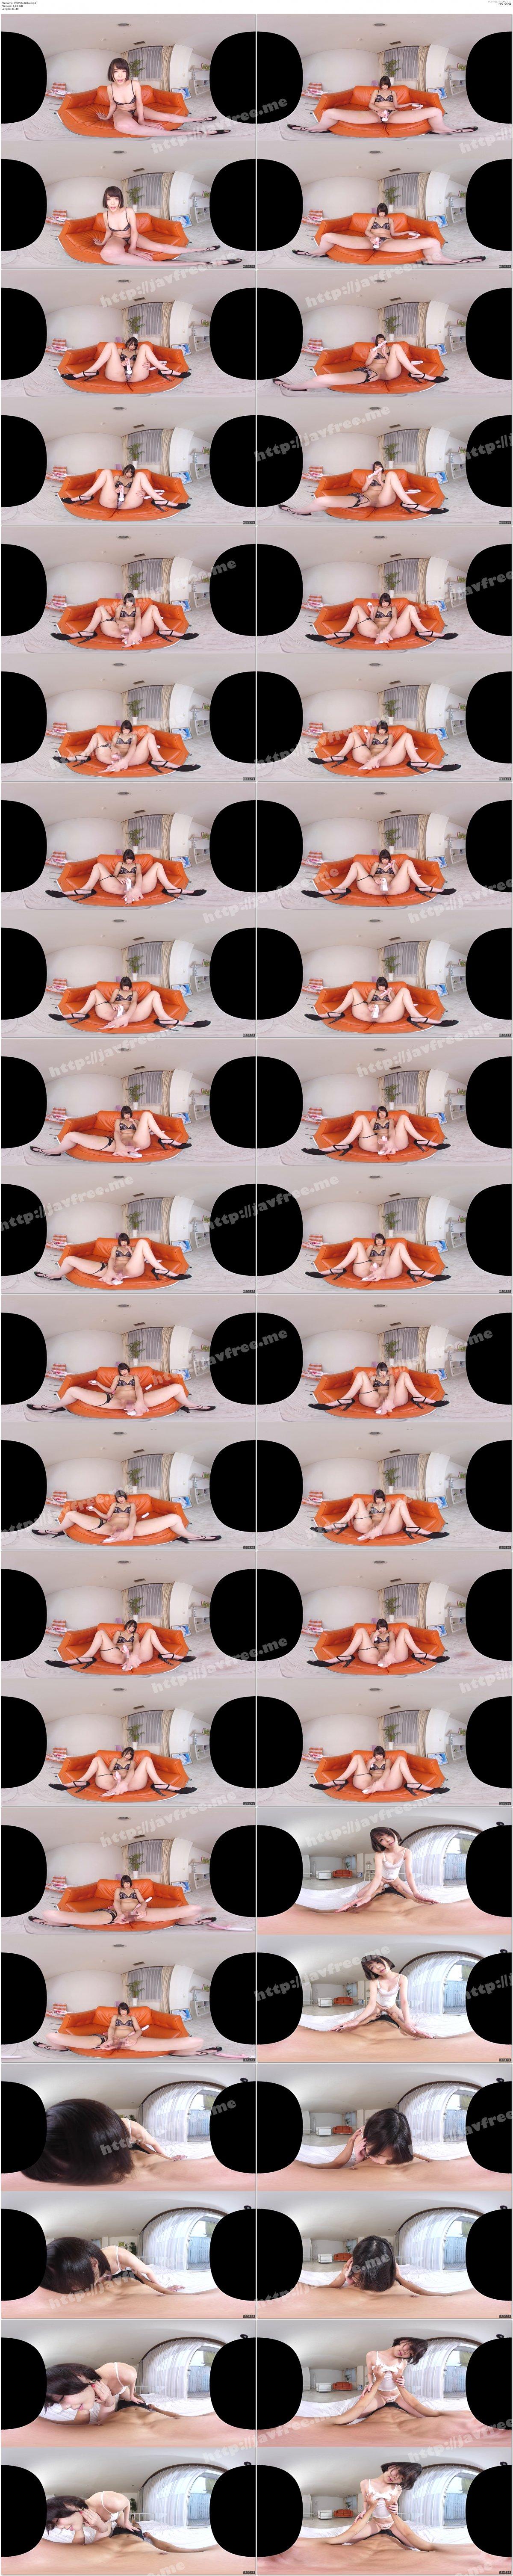 [PRDVR-009] 【VR】「気持ち良過ぎてオマ●コおかしくなっちゃう!」凰かなめと濃厚ハメ潮激イキSEX!!